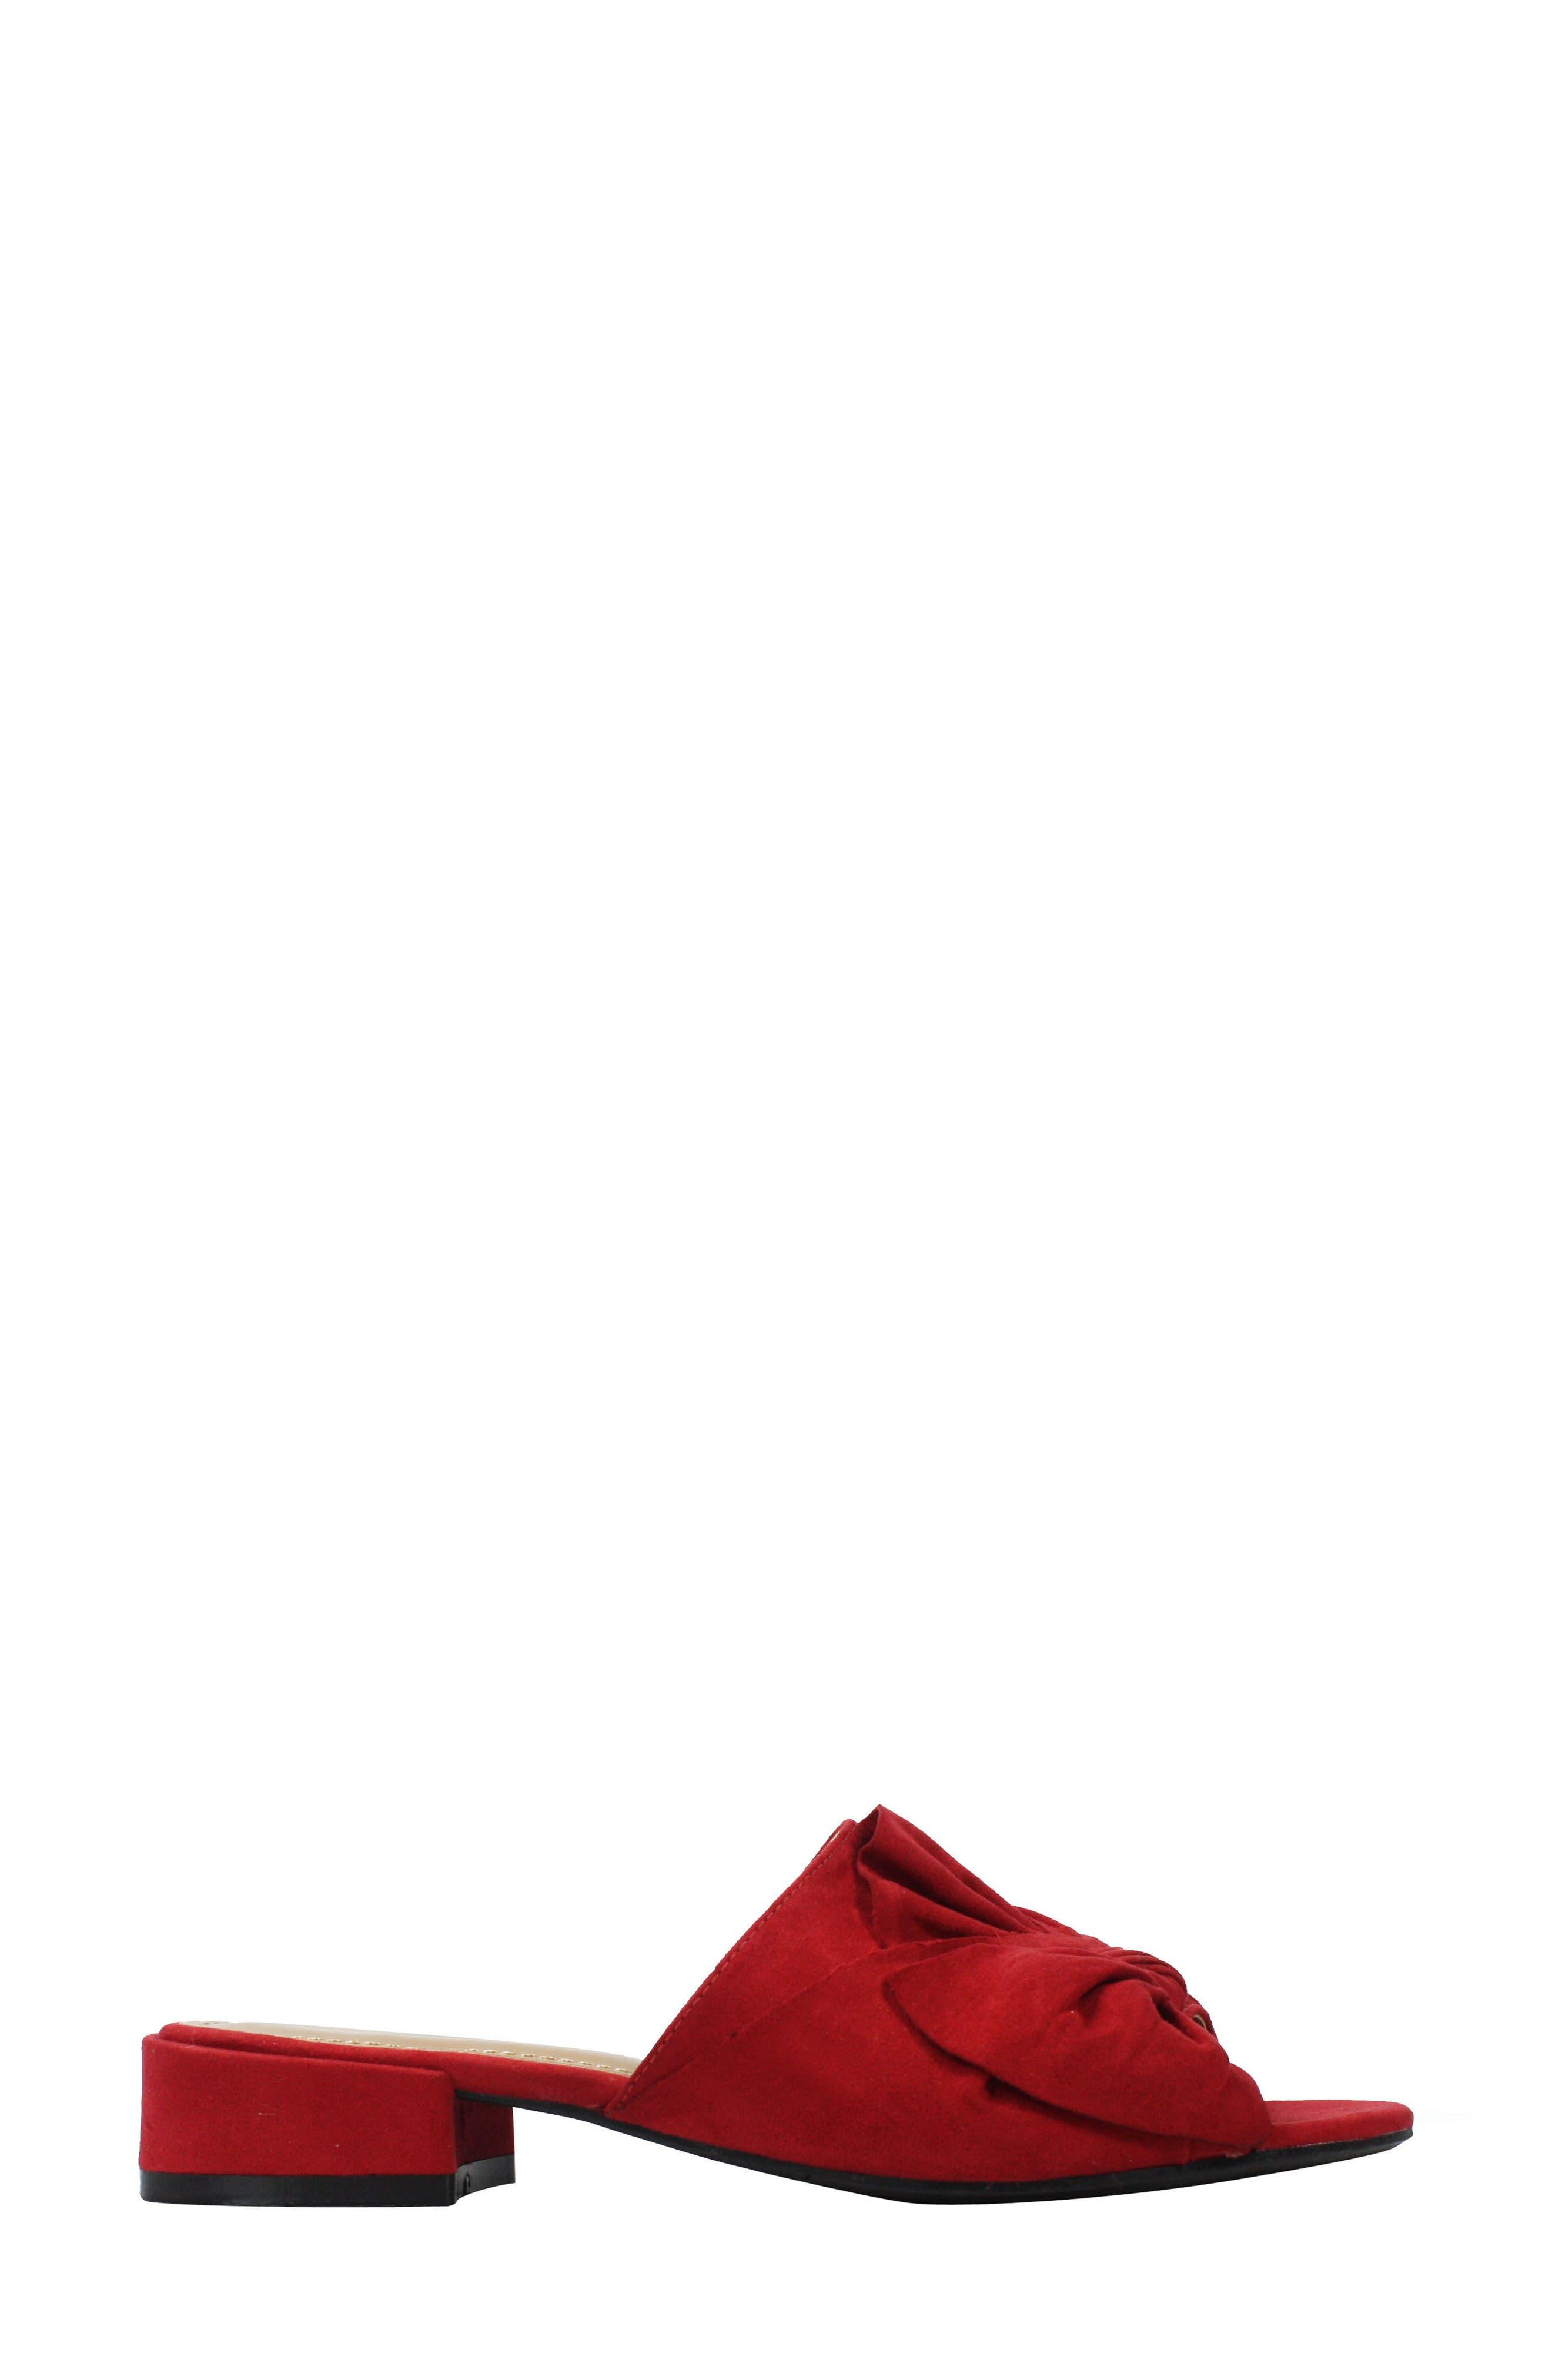 Sattuck Slide Sandal,                             Alternate thumbnail 3, color,                             Red Fabric